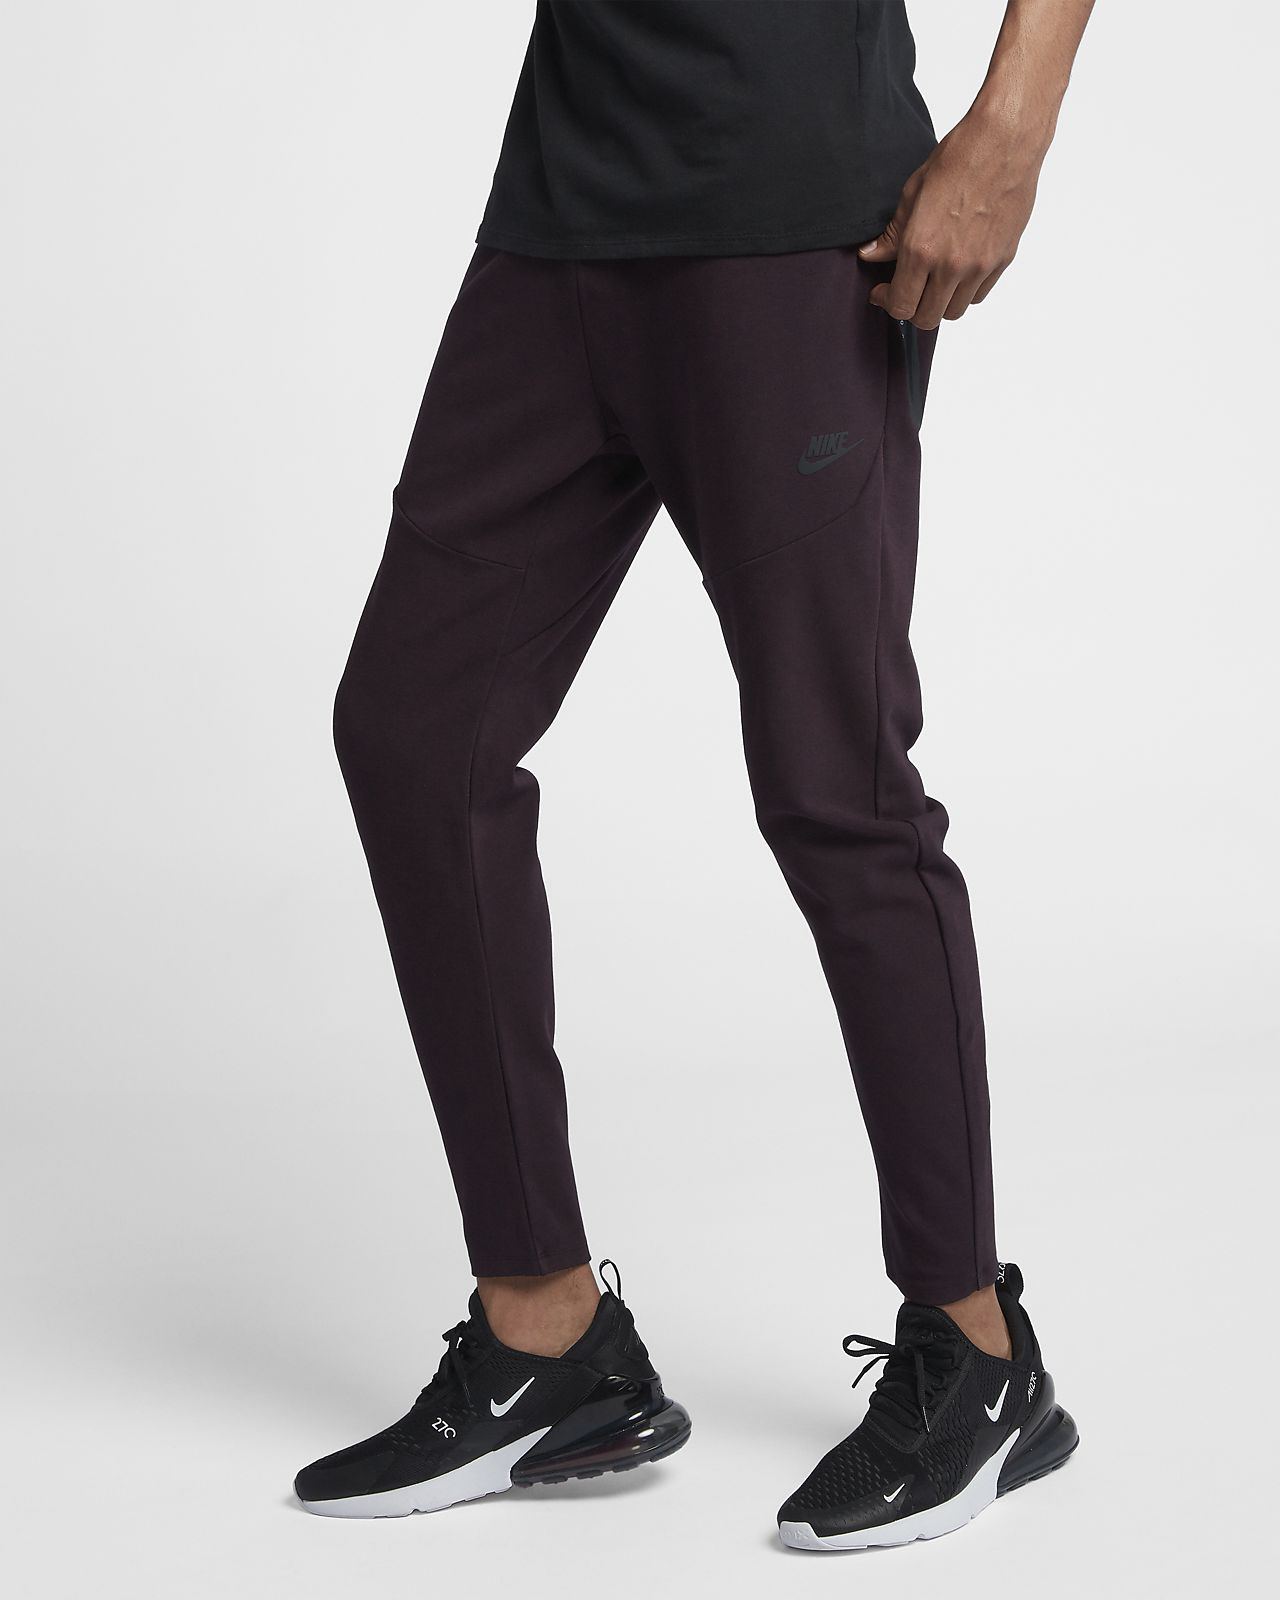 Nike Pack Tech It Sportswear Uomo Pantaloni R0xqwdtR